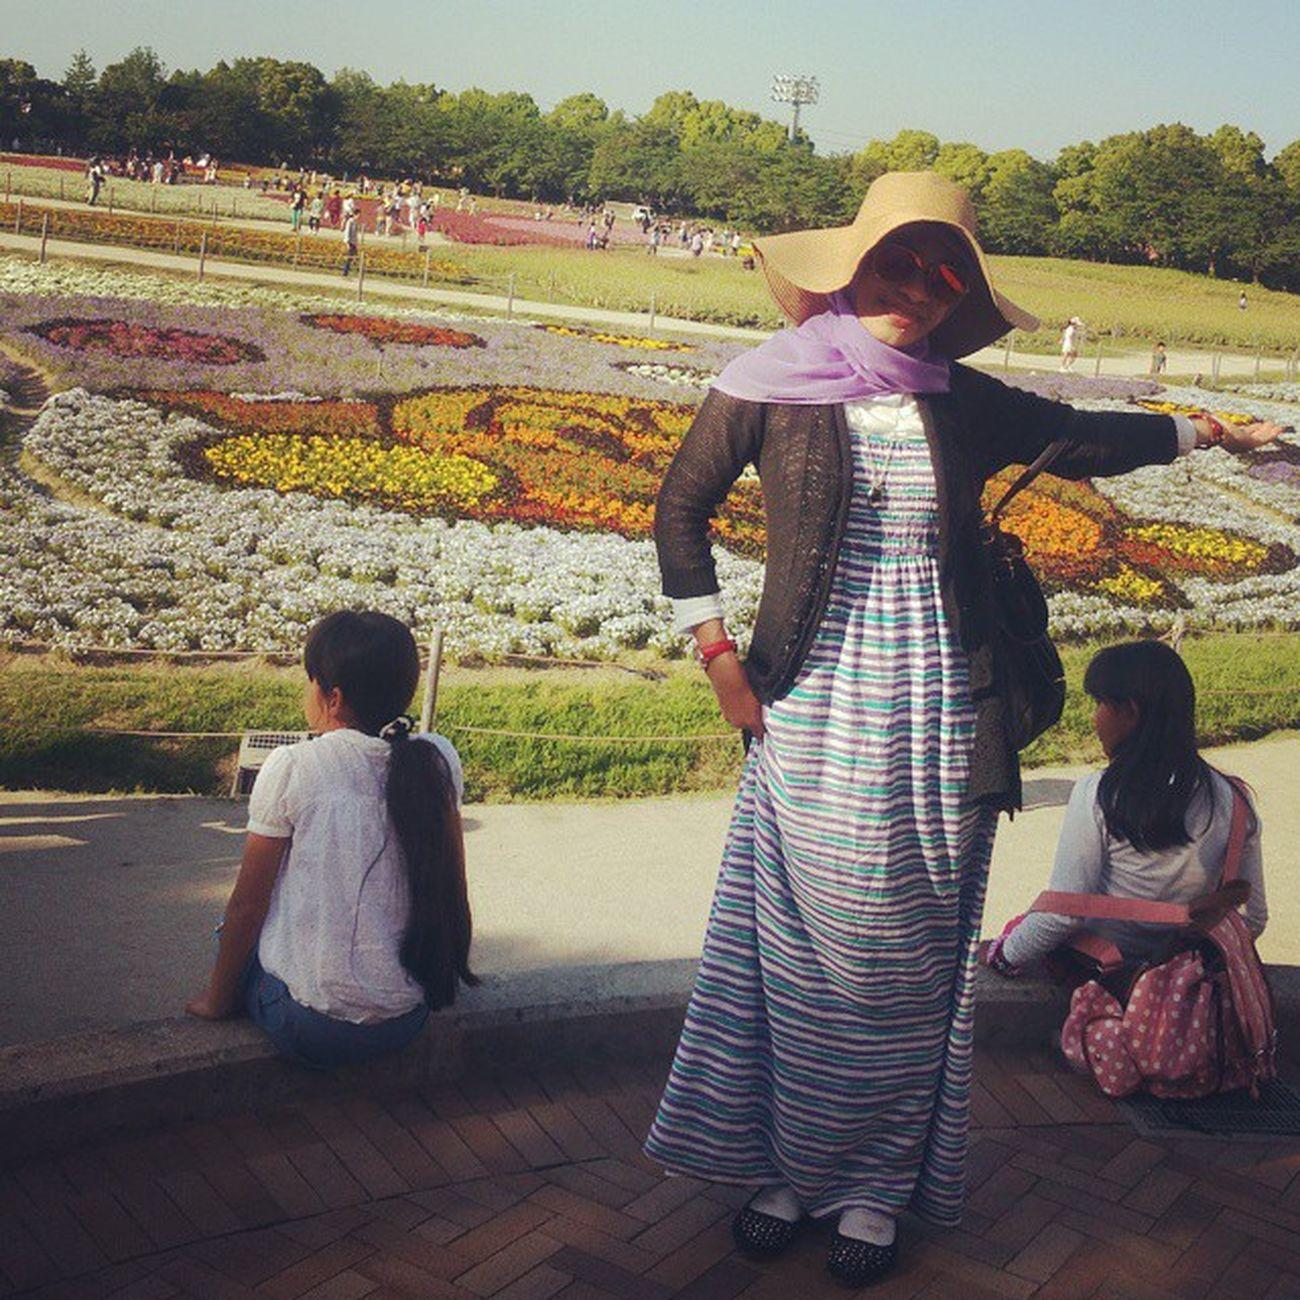 2015.05.05 なばなの里 Spring Livinginjapan Lovejapan Loveaceh Aceh Acehjapan Indonesiajapan Musliminjapan Hijabmuslimah Hijabi Purple Goldenweek Myojitabuchi Tabuchi Nikeijin